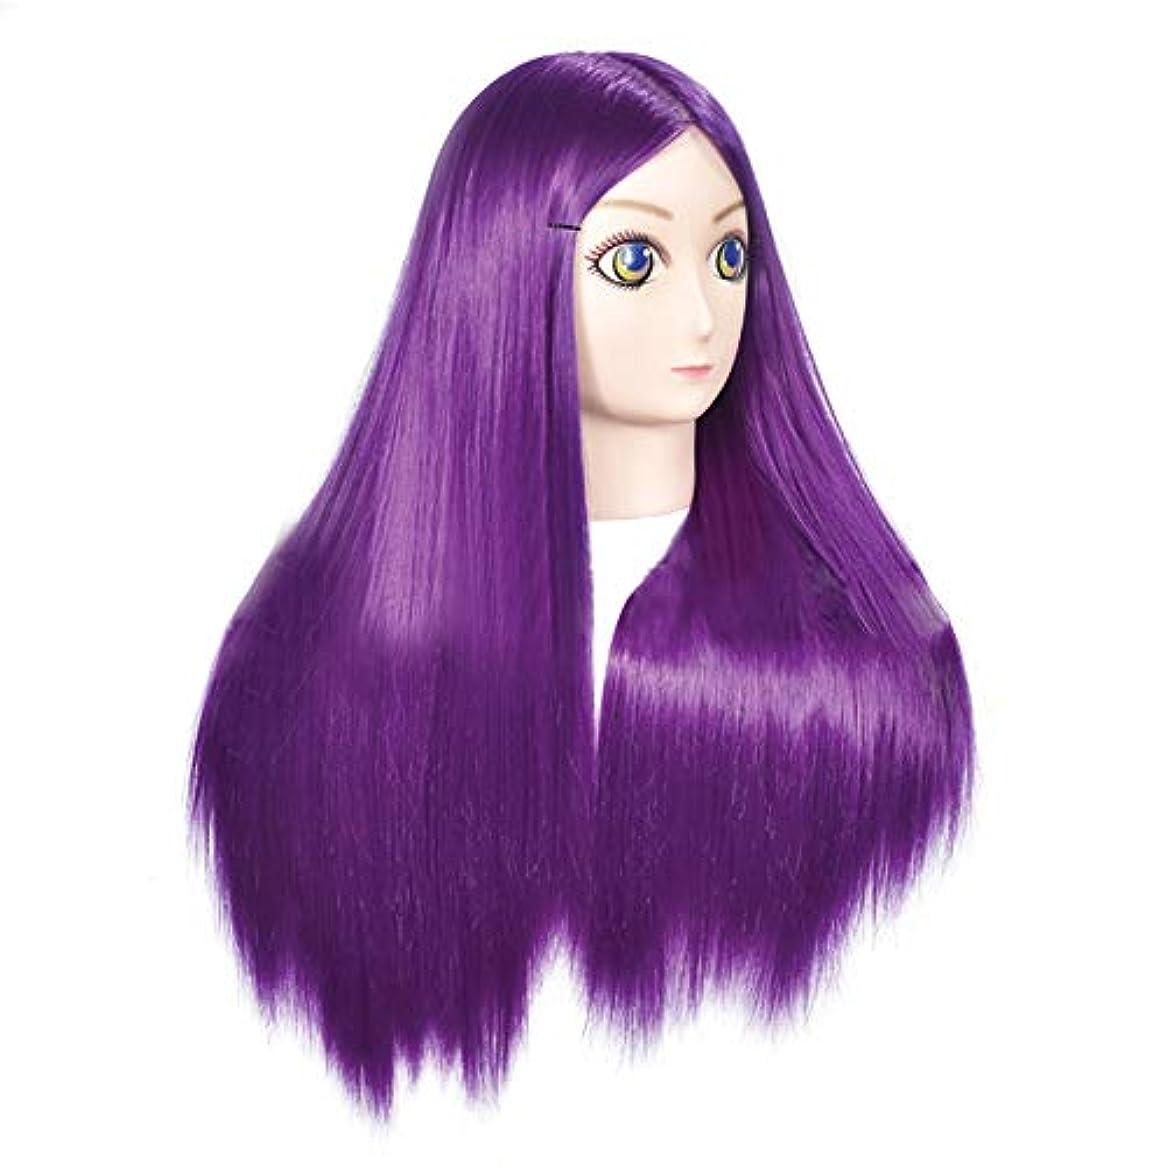 アクティブかなり解説高温シルクヘアスタイリングモデルヘッド女性モデルヘッドティーチングヘッド理髪店編組髪染め学習ダミーヘッド